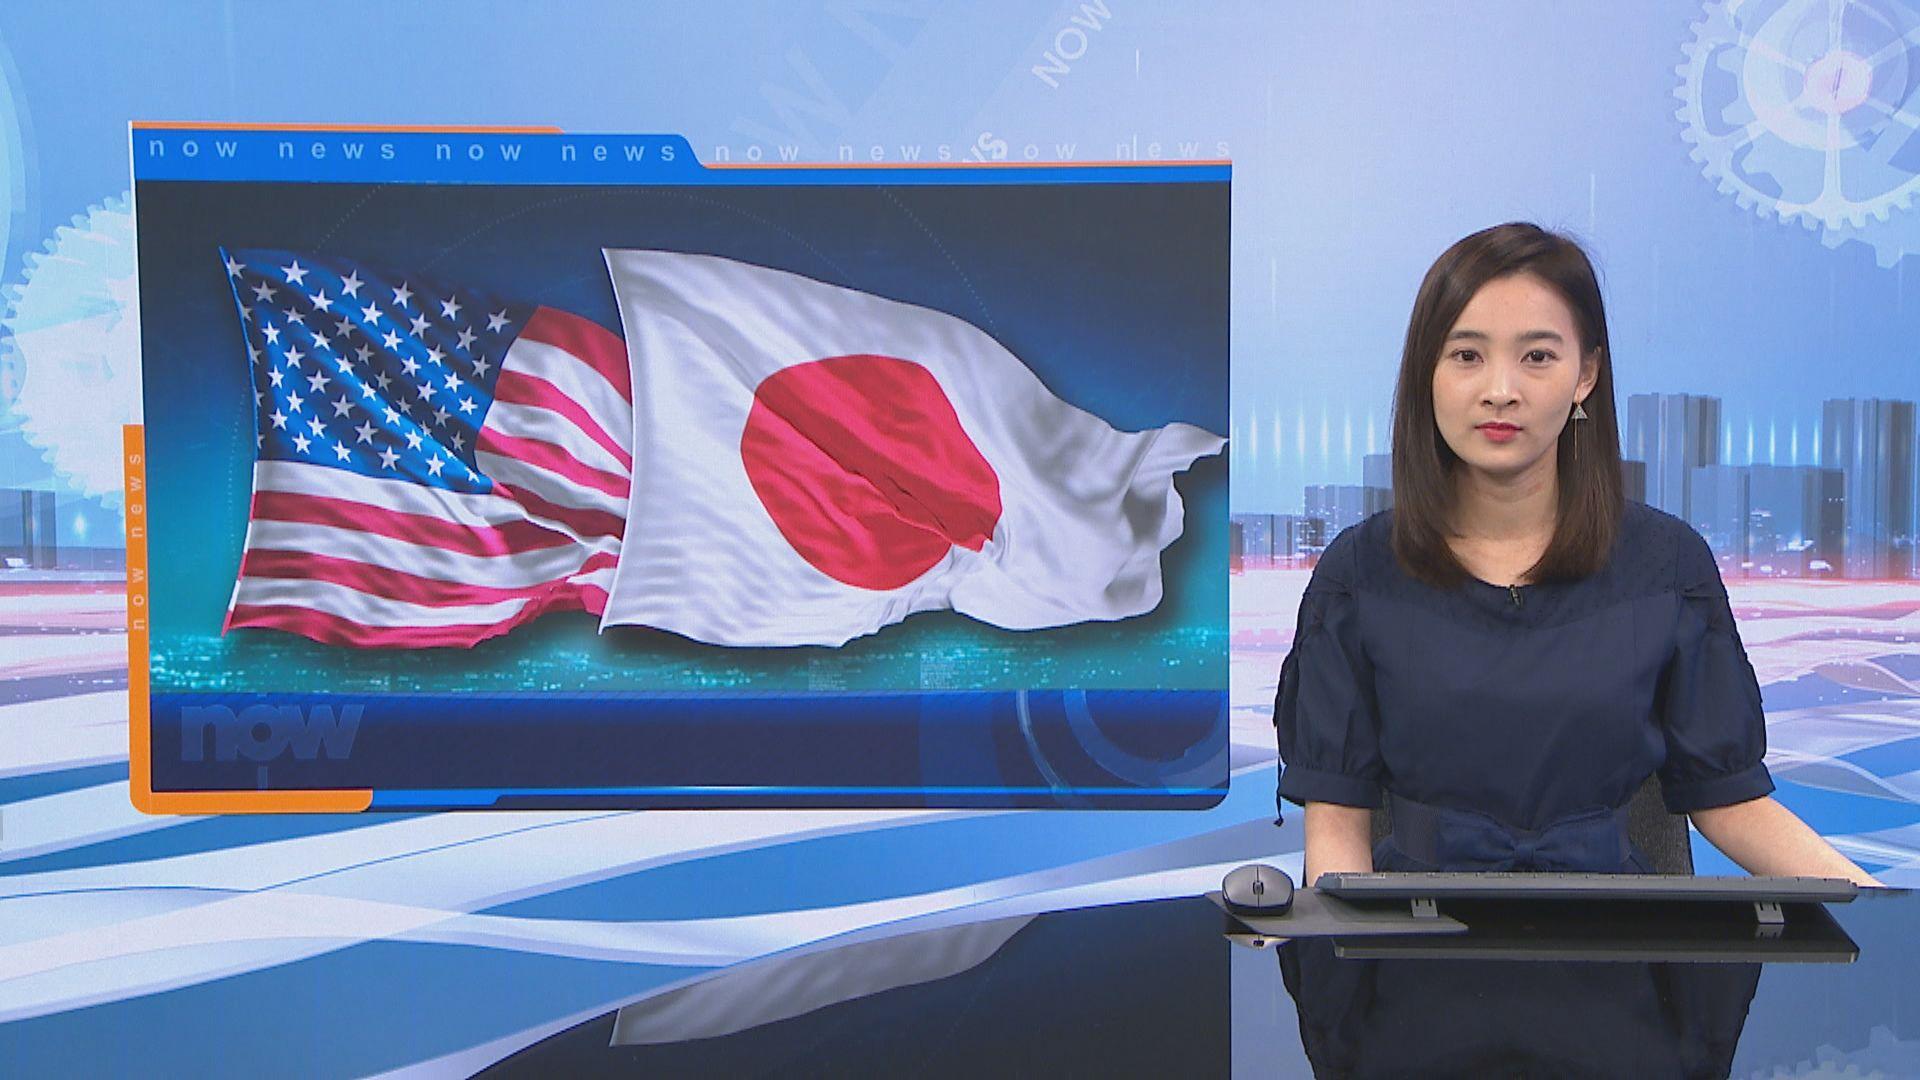 日本:不接受貨幣政策與貿易問題掛鈎的討論